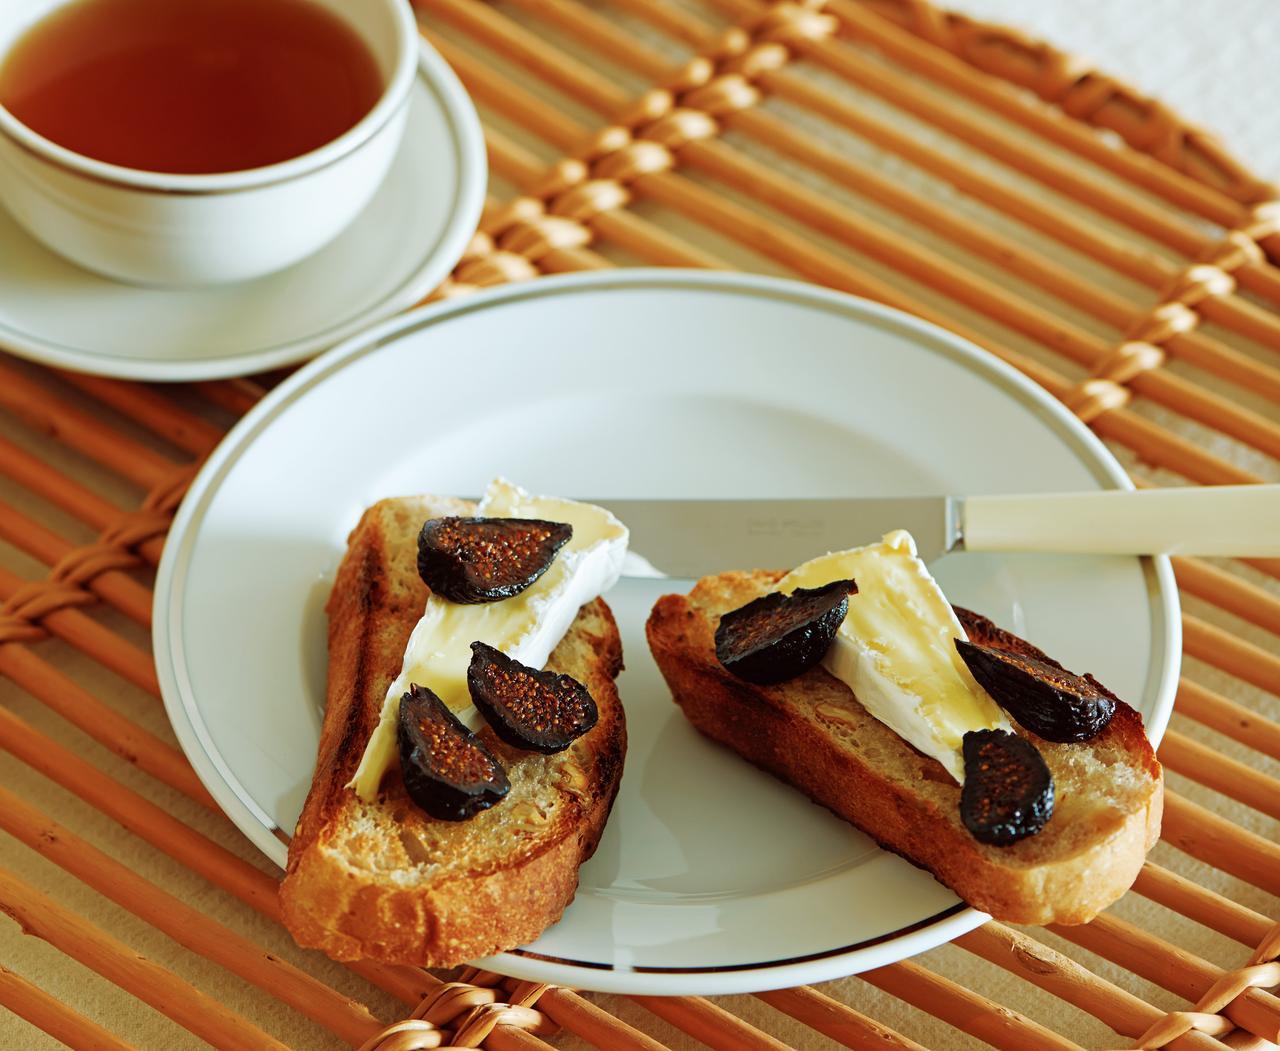 画像1: ドライいちじくとブリーチーズのトースト